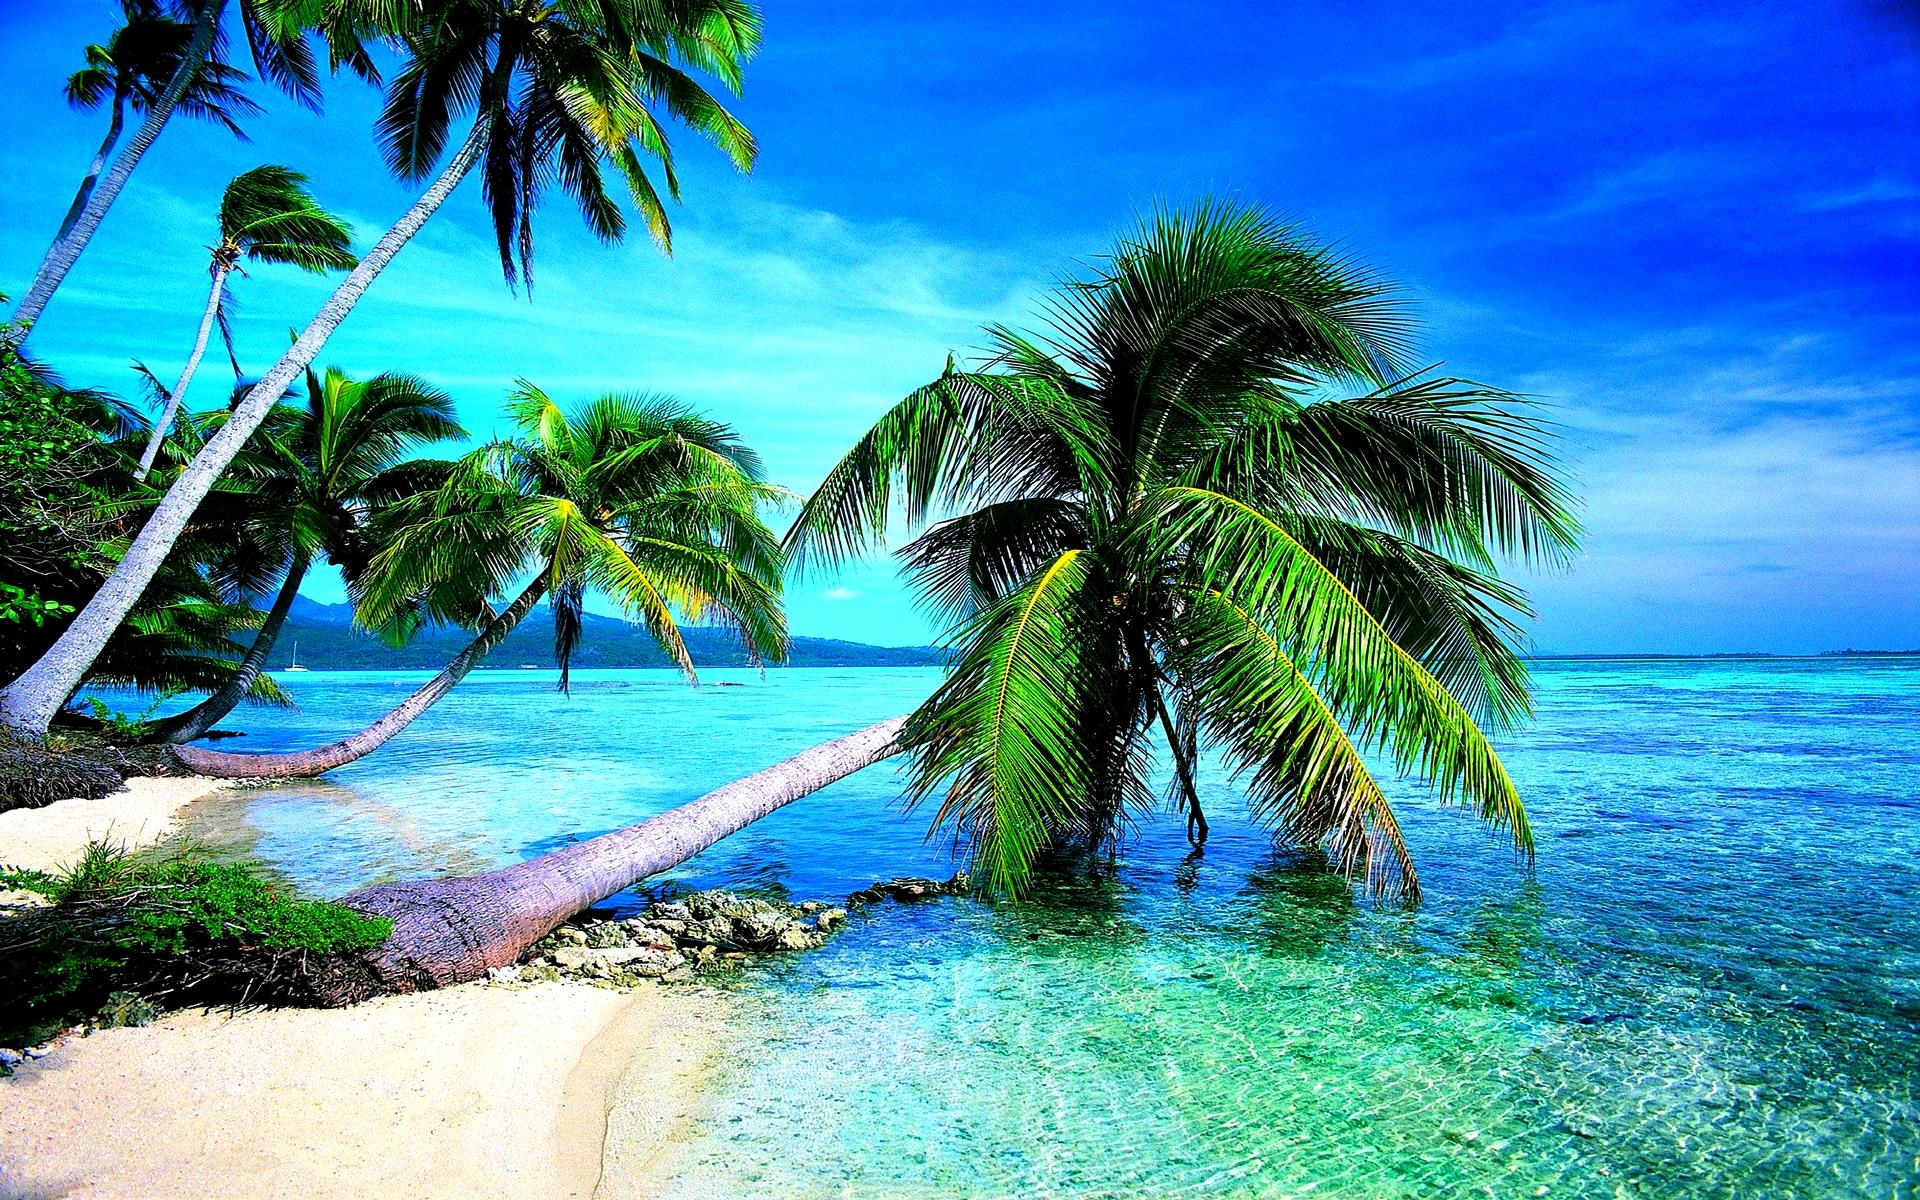 Beach HD Wallpaper 2015 for Desktop Tropical Beach HD Wallpaper 1920x1200